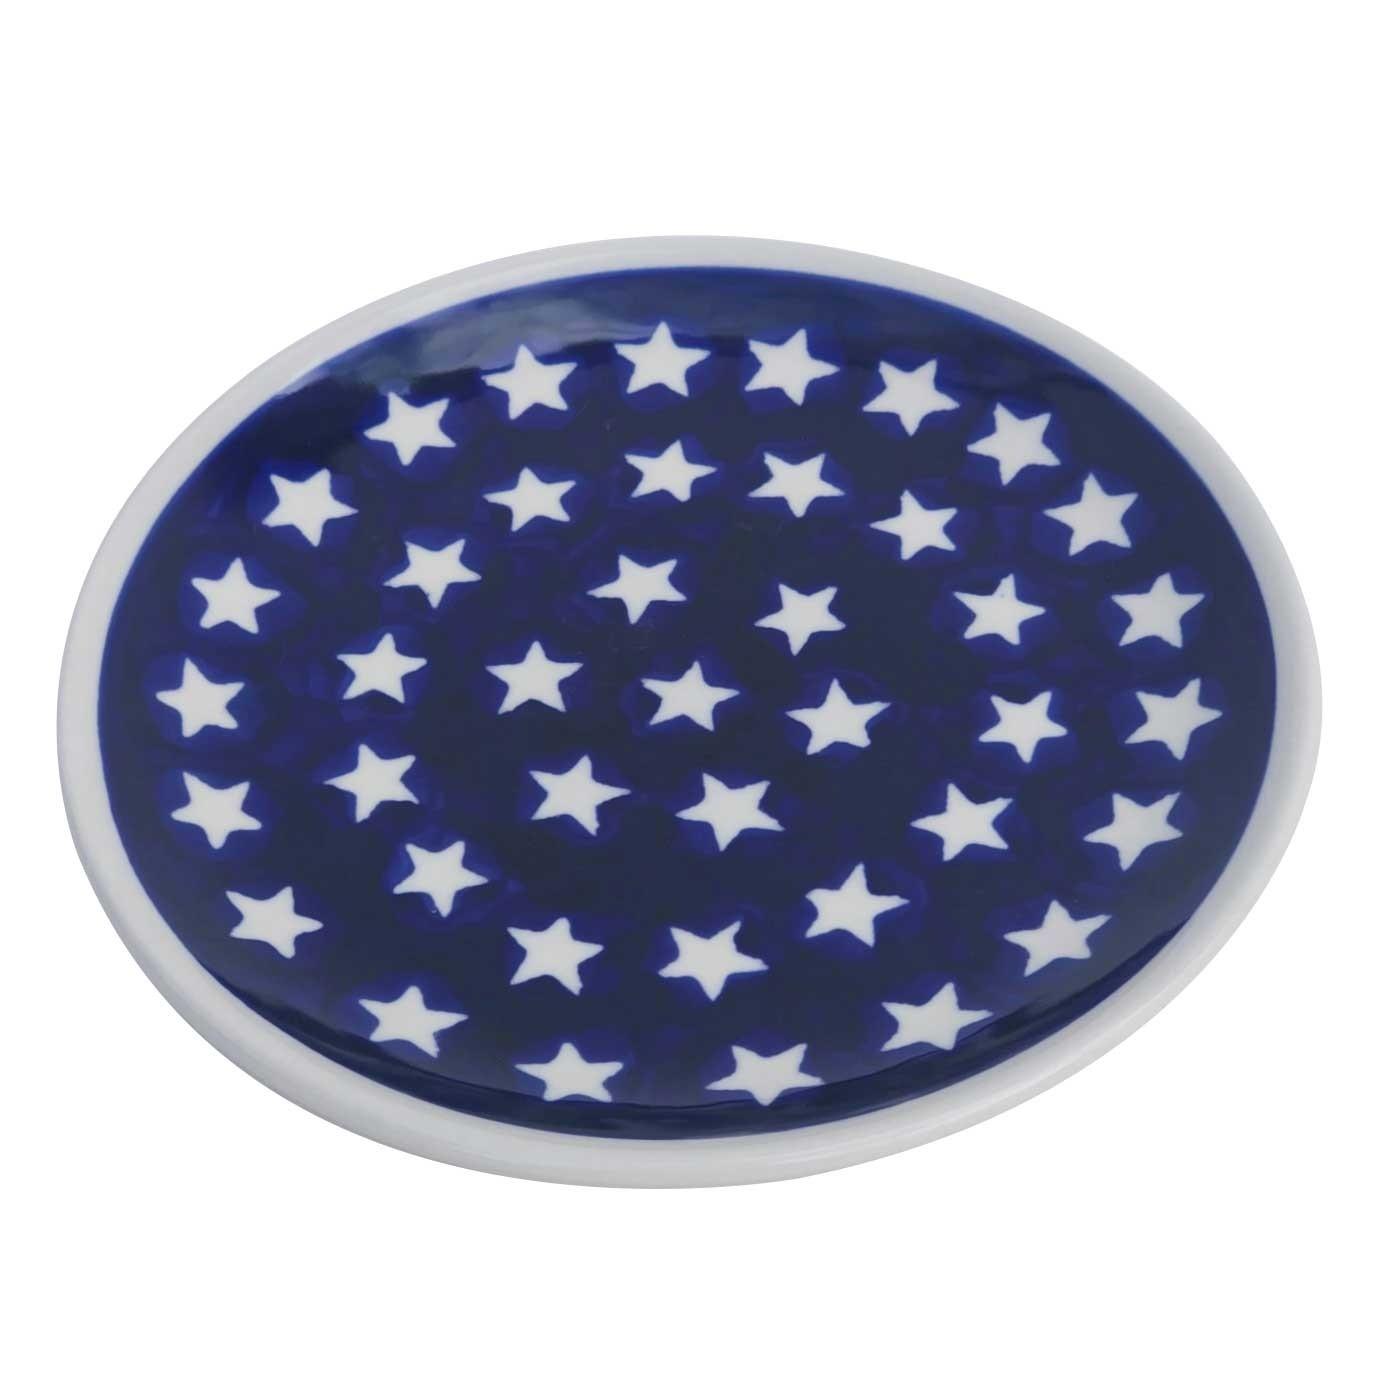 Pottery Avenue 6.5-inch Bread & Butter - Dessert Stoneware Plate - 818-82 Stars